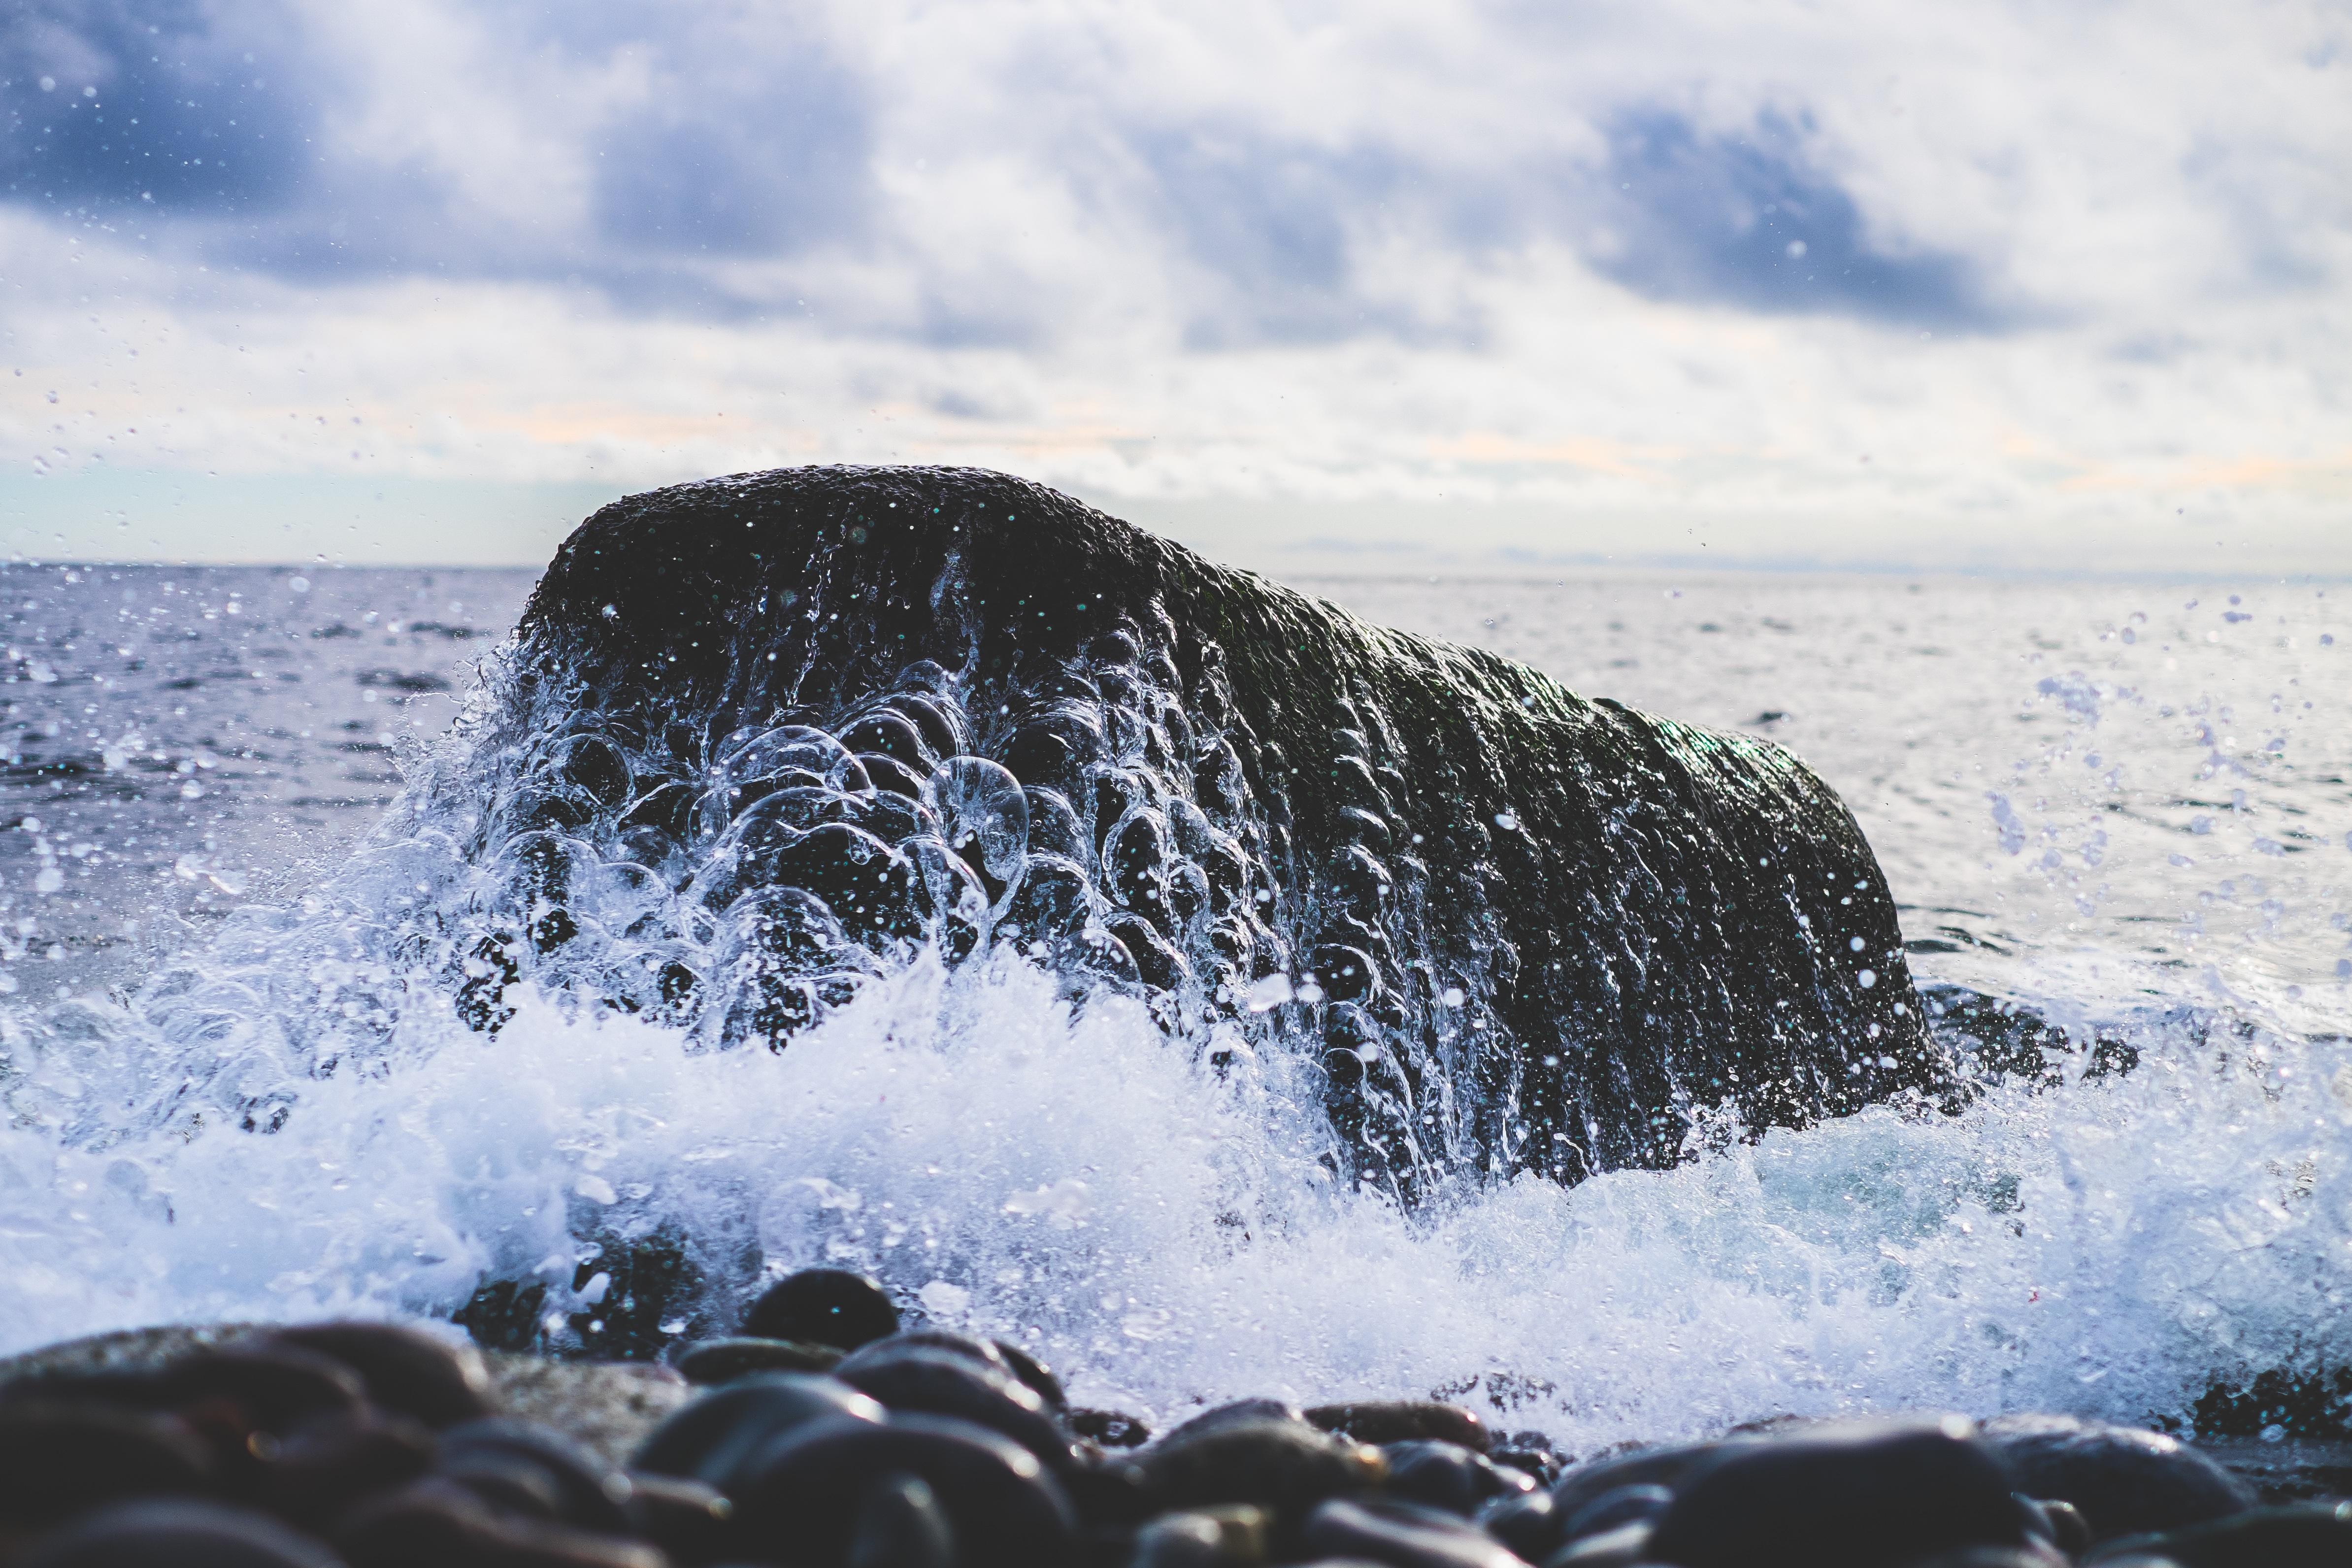 брызги вода море камень  № 2149699 загрузить